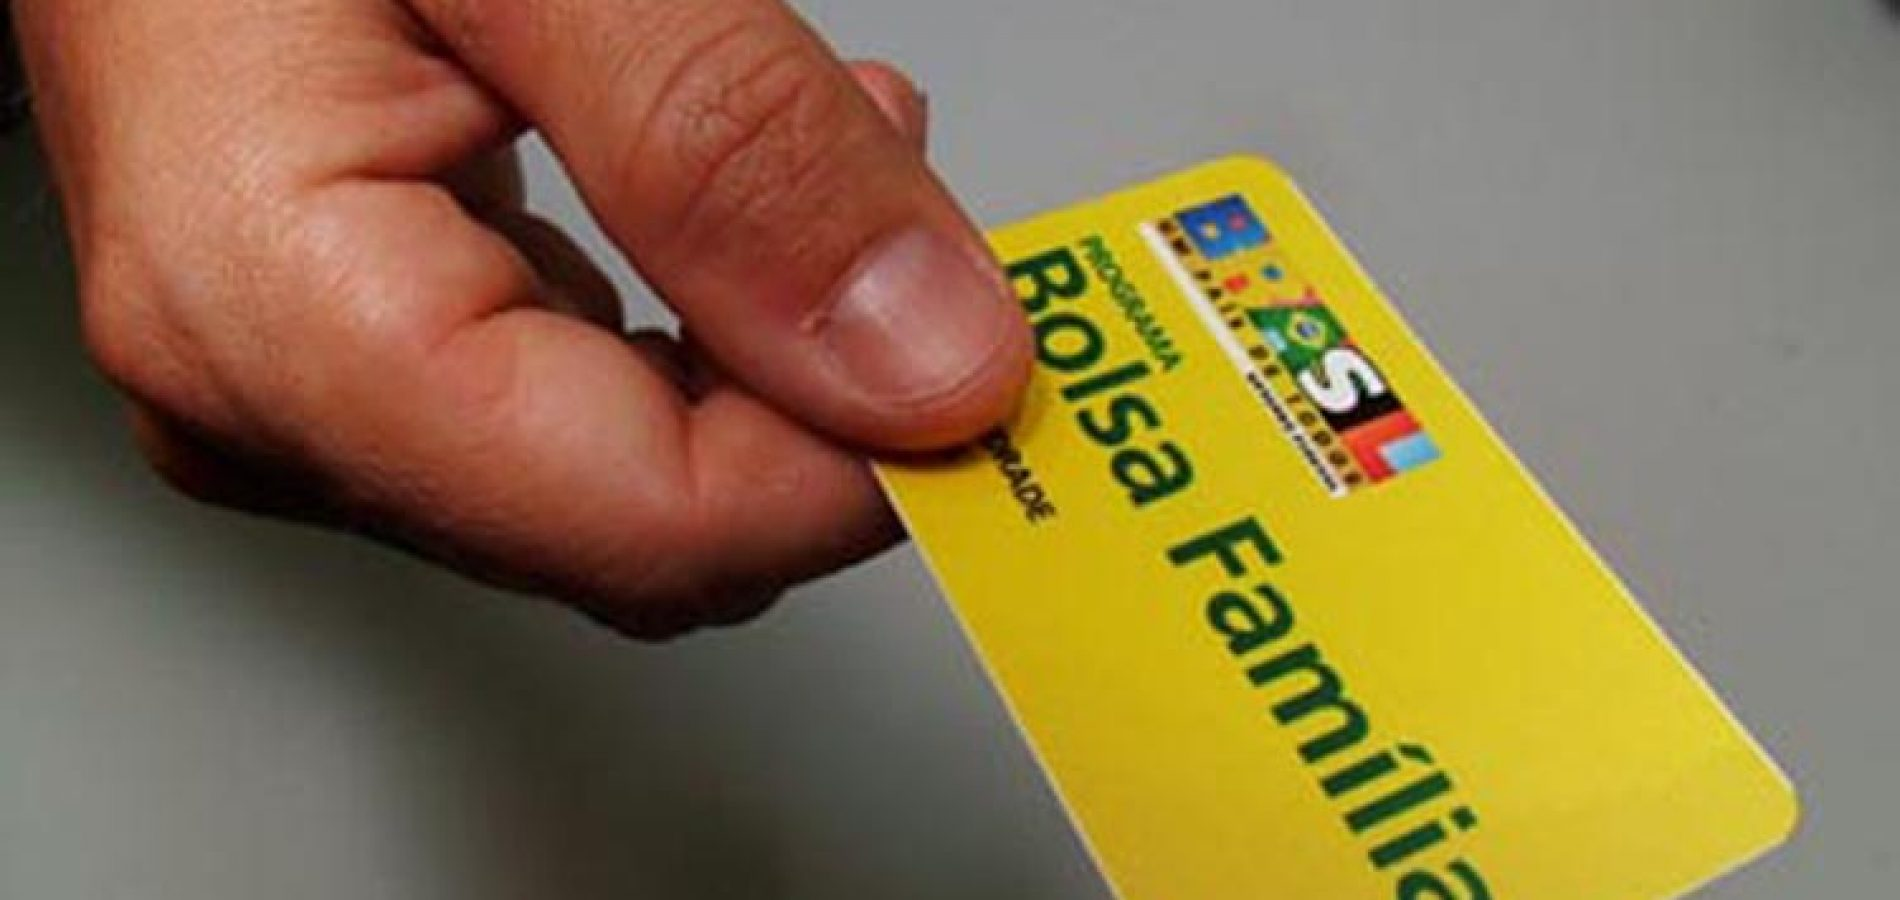 Reajuste do Bolsa Família será anunciado até o final do mês, diz ministro